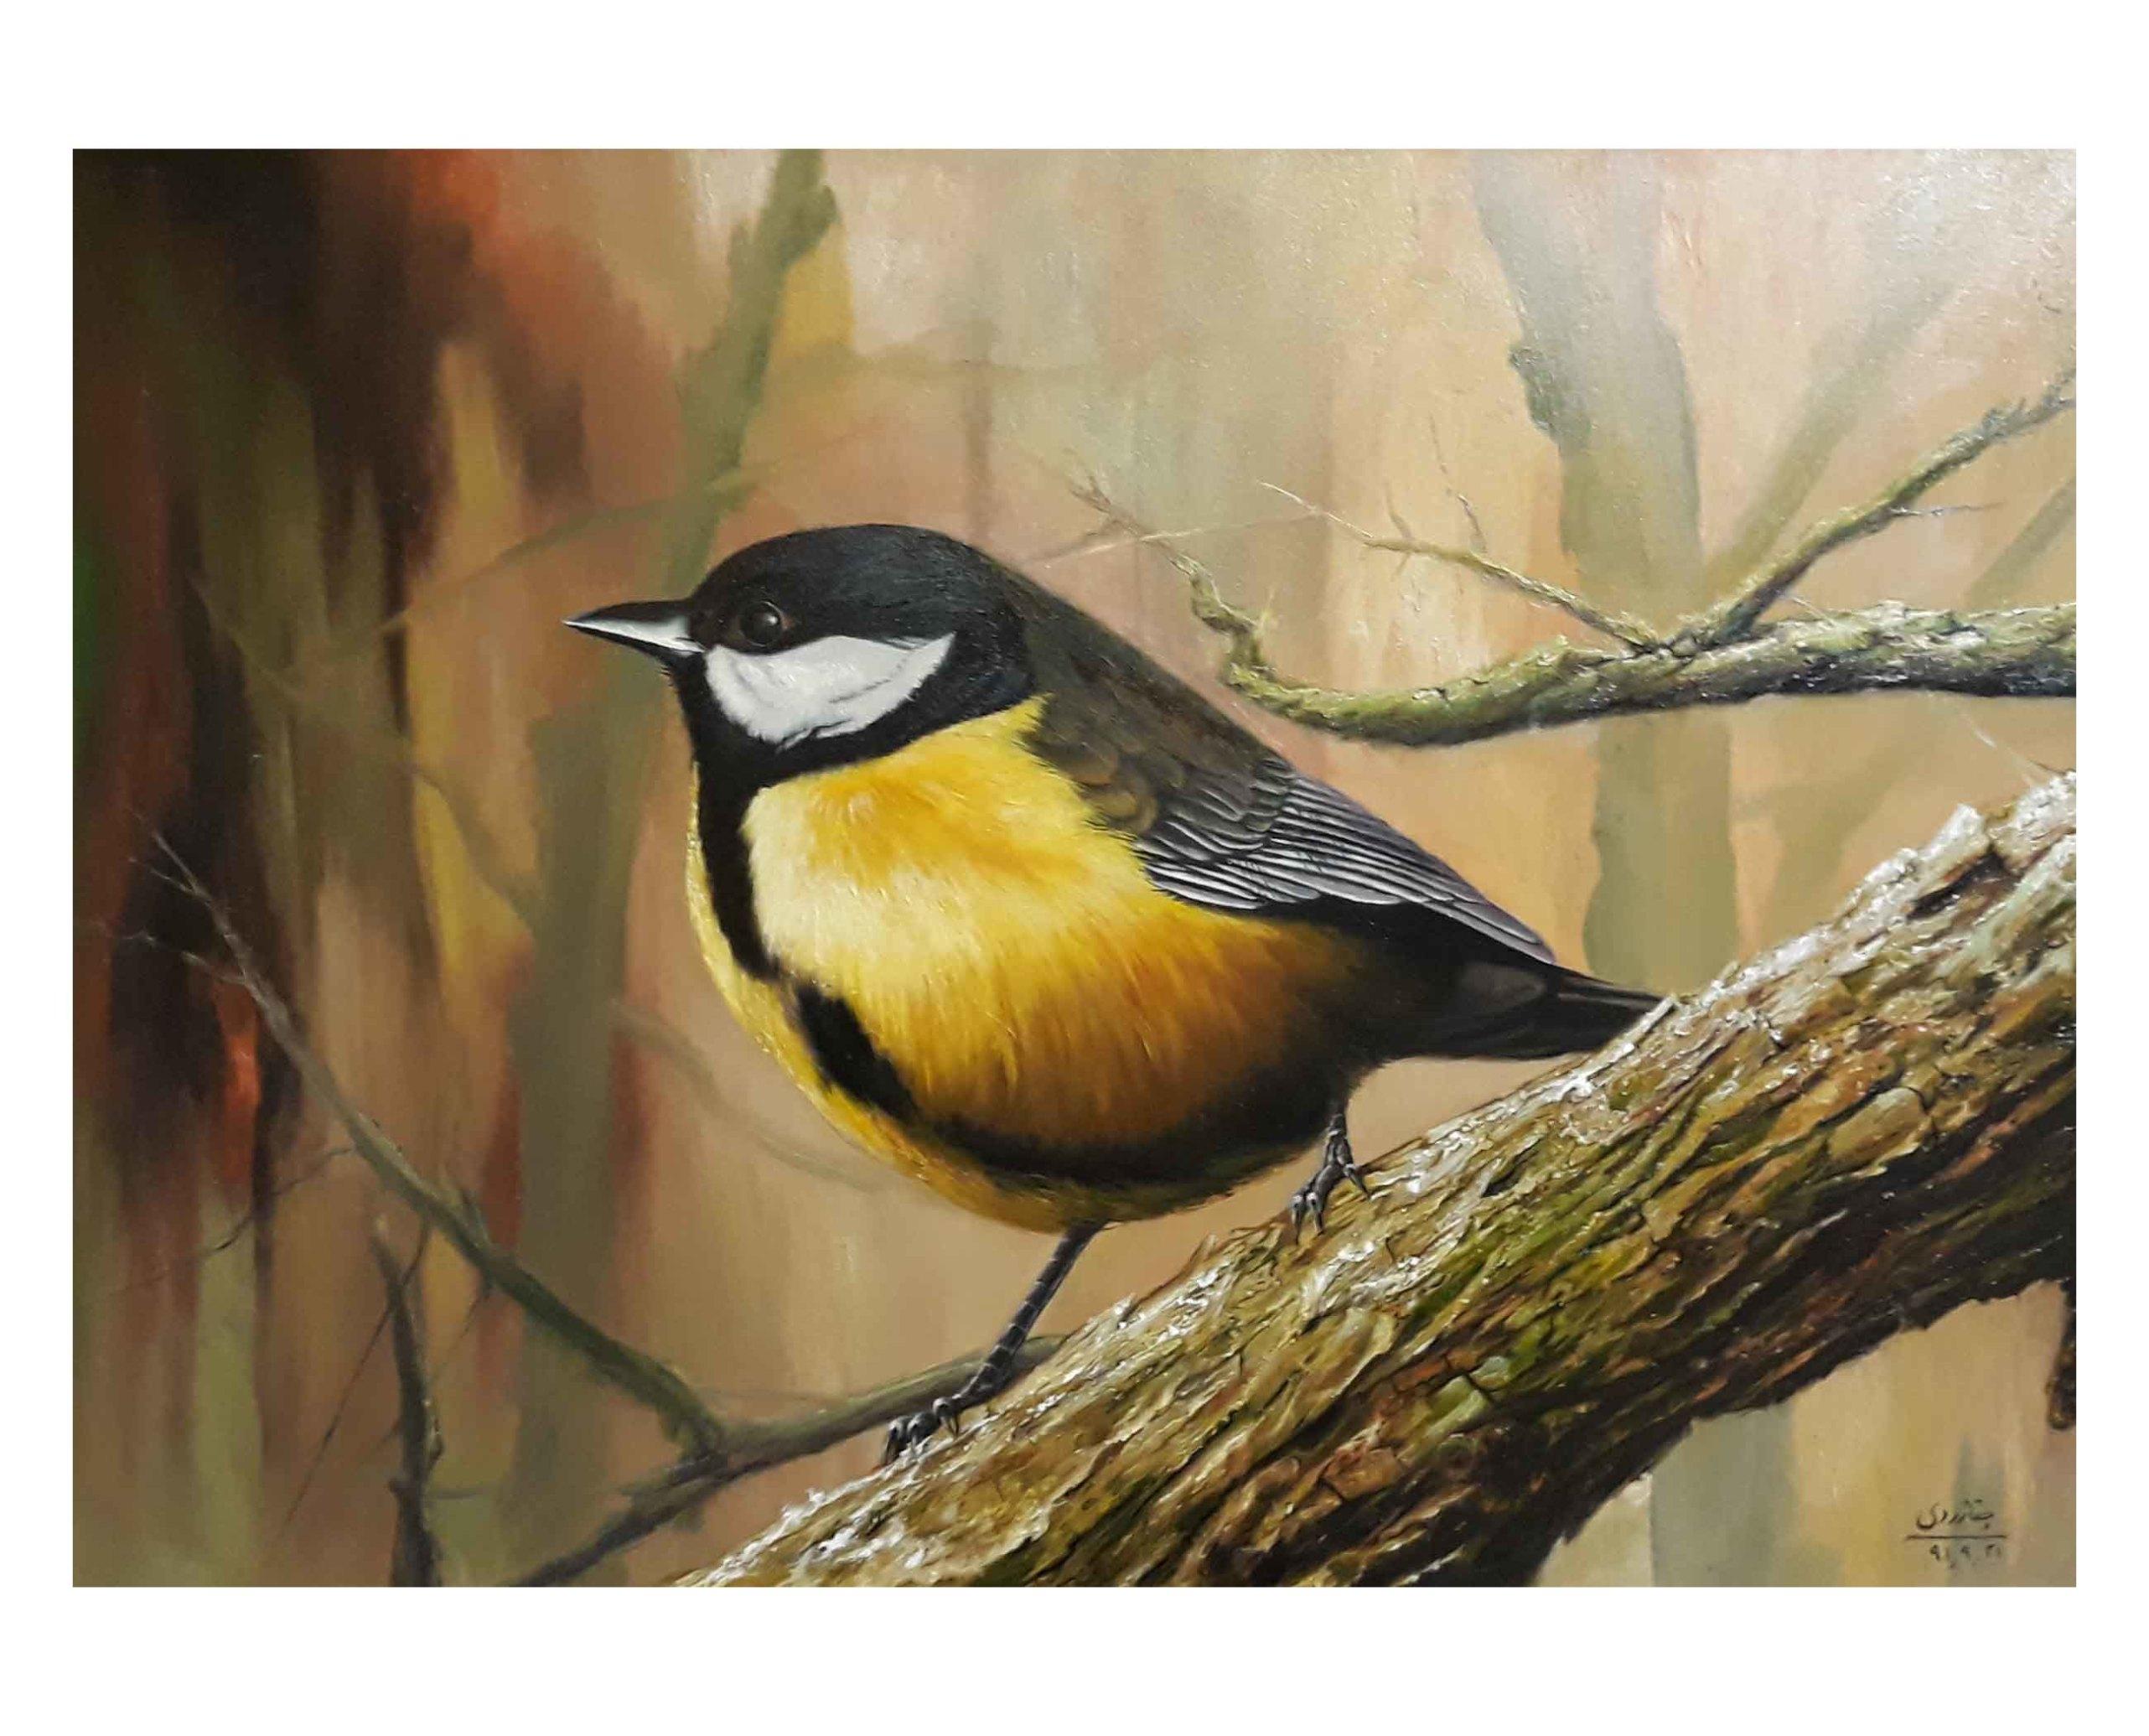 تابلو نقاشی پرنده به سبک رئالیسم، با تکنیک رنگ روغن